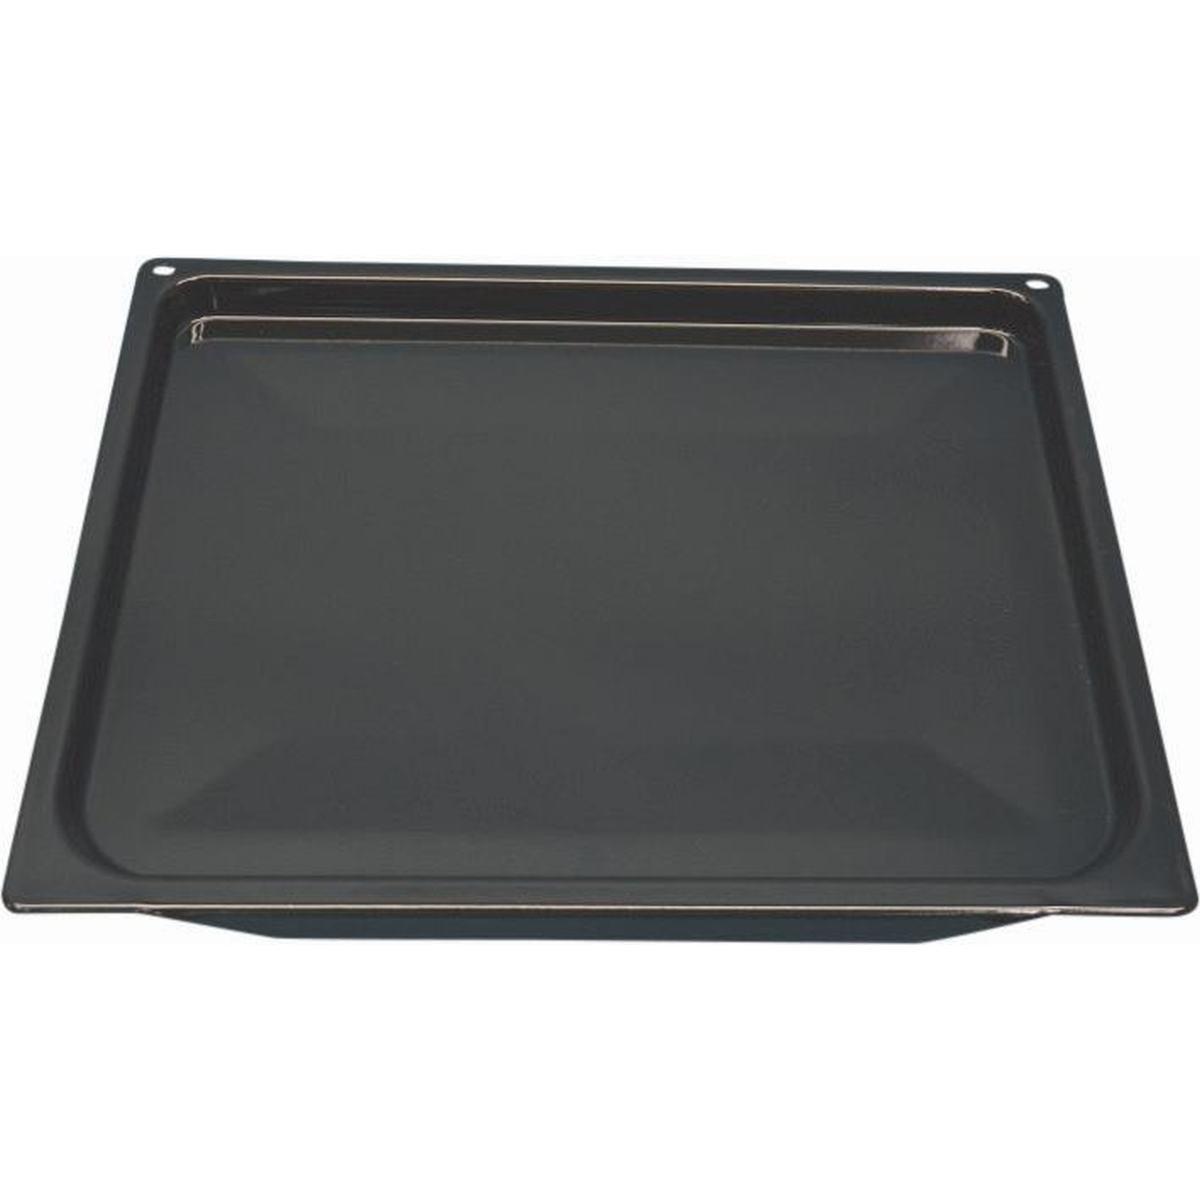 Bageplade 425 х 360 х 20 mm